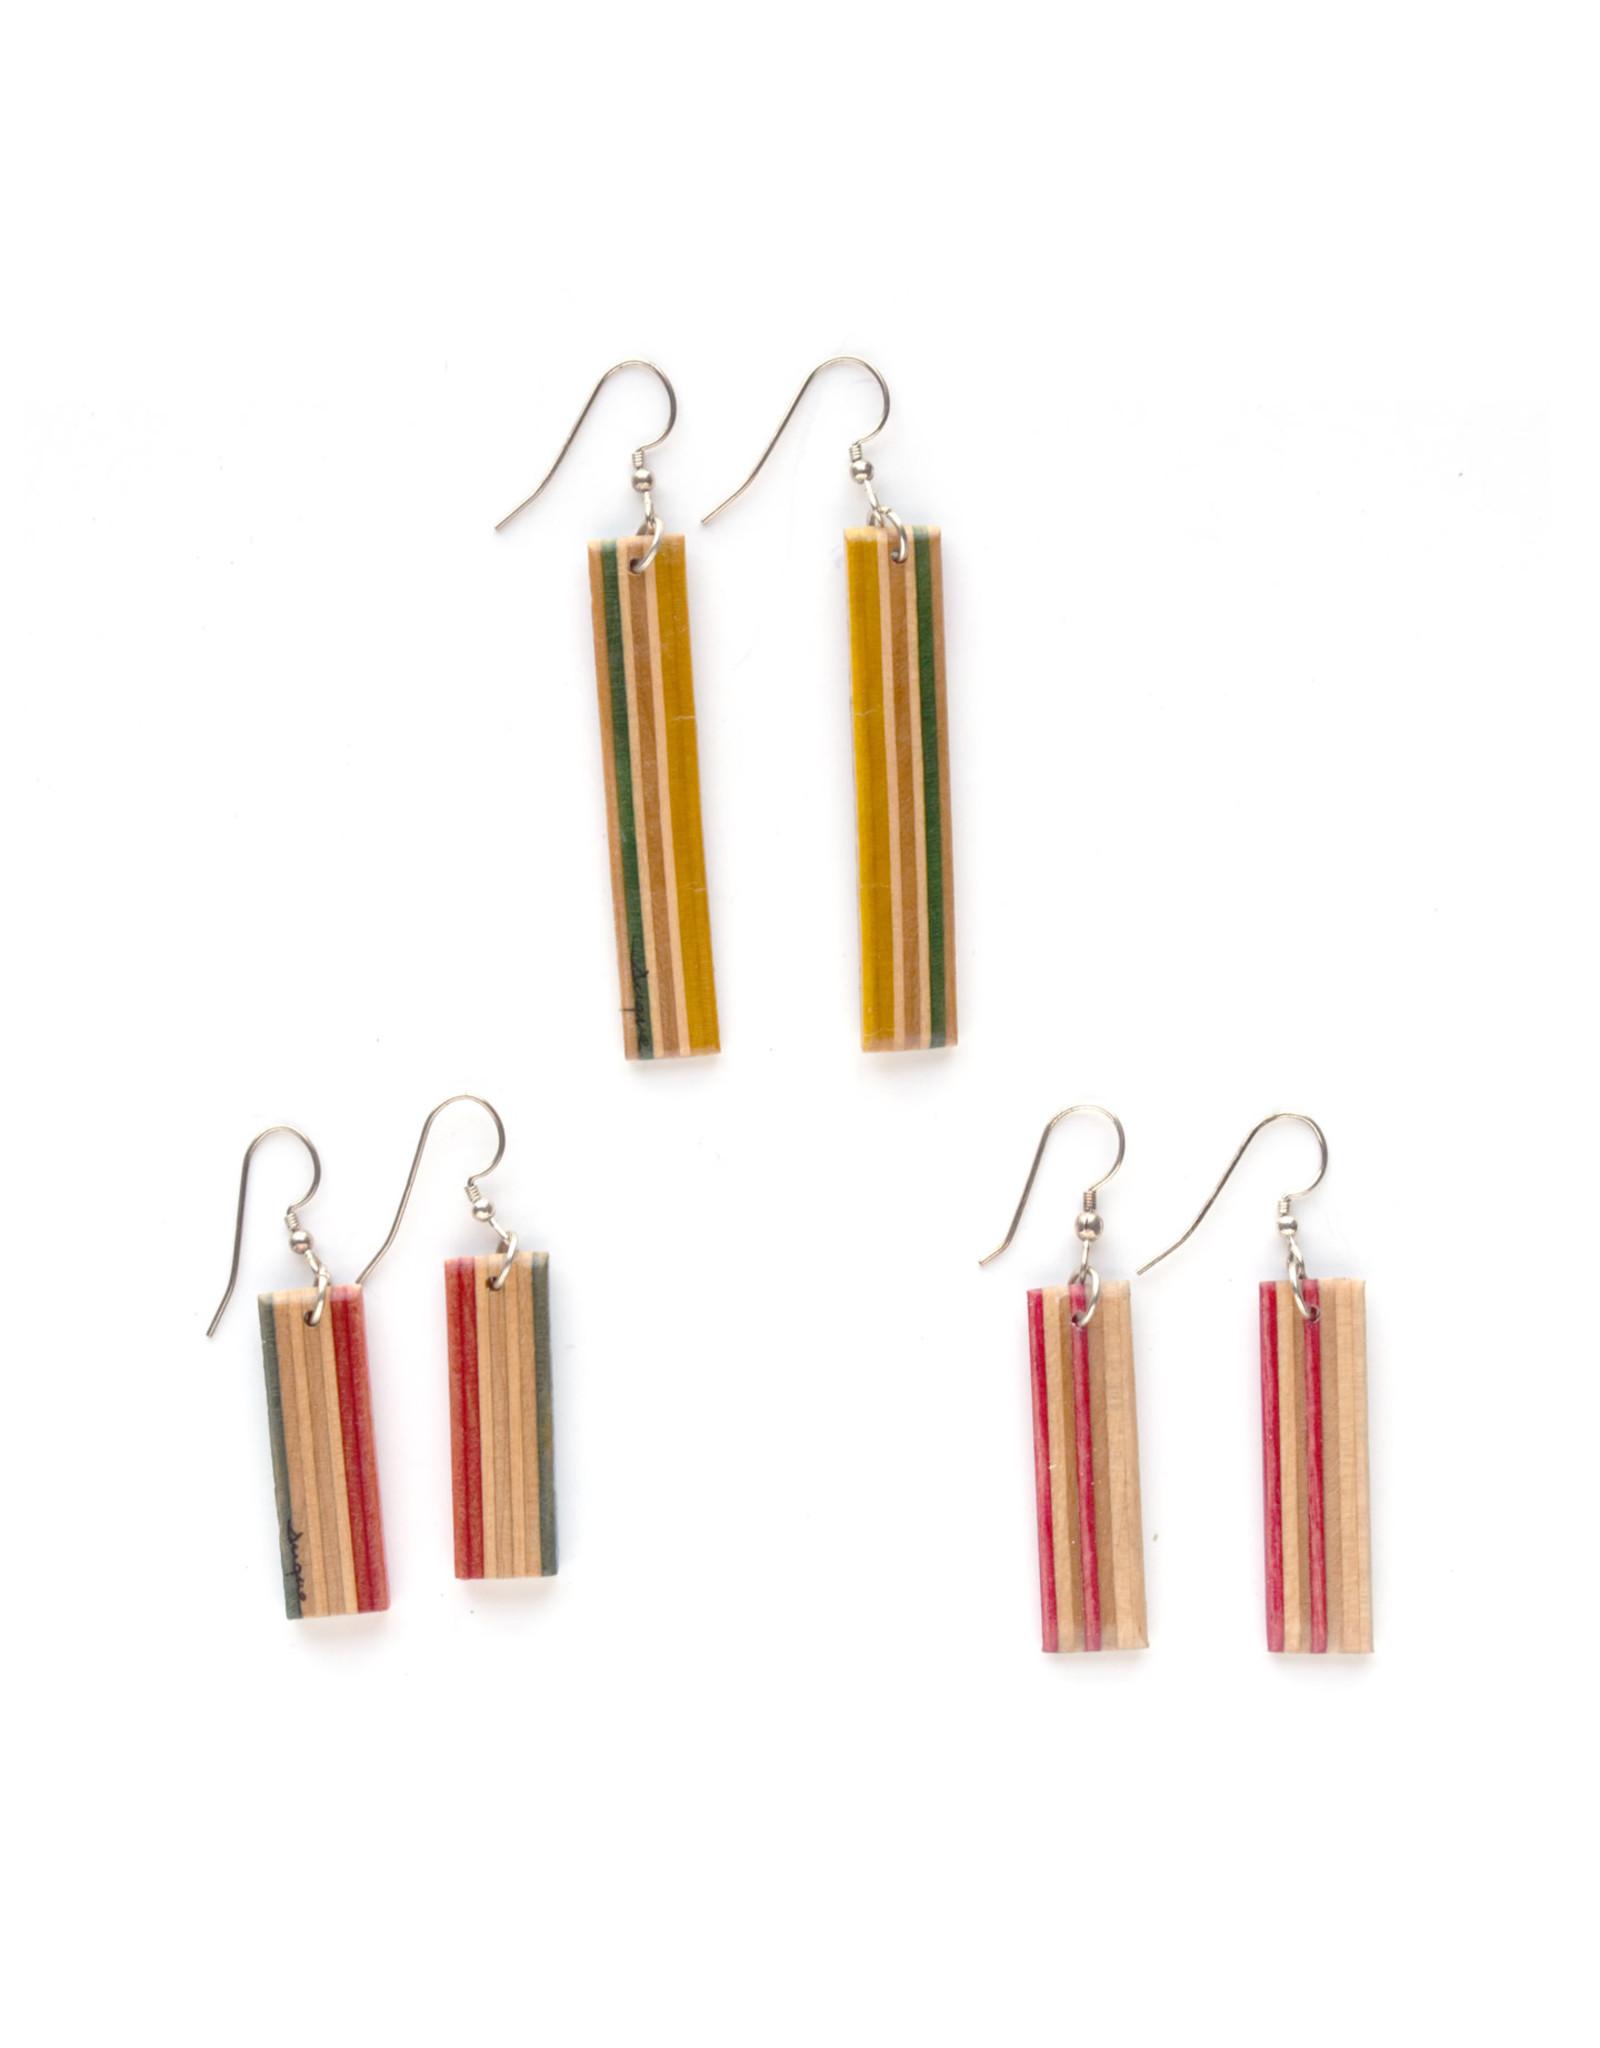 Skatedeck Earrings (Assorted)